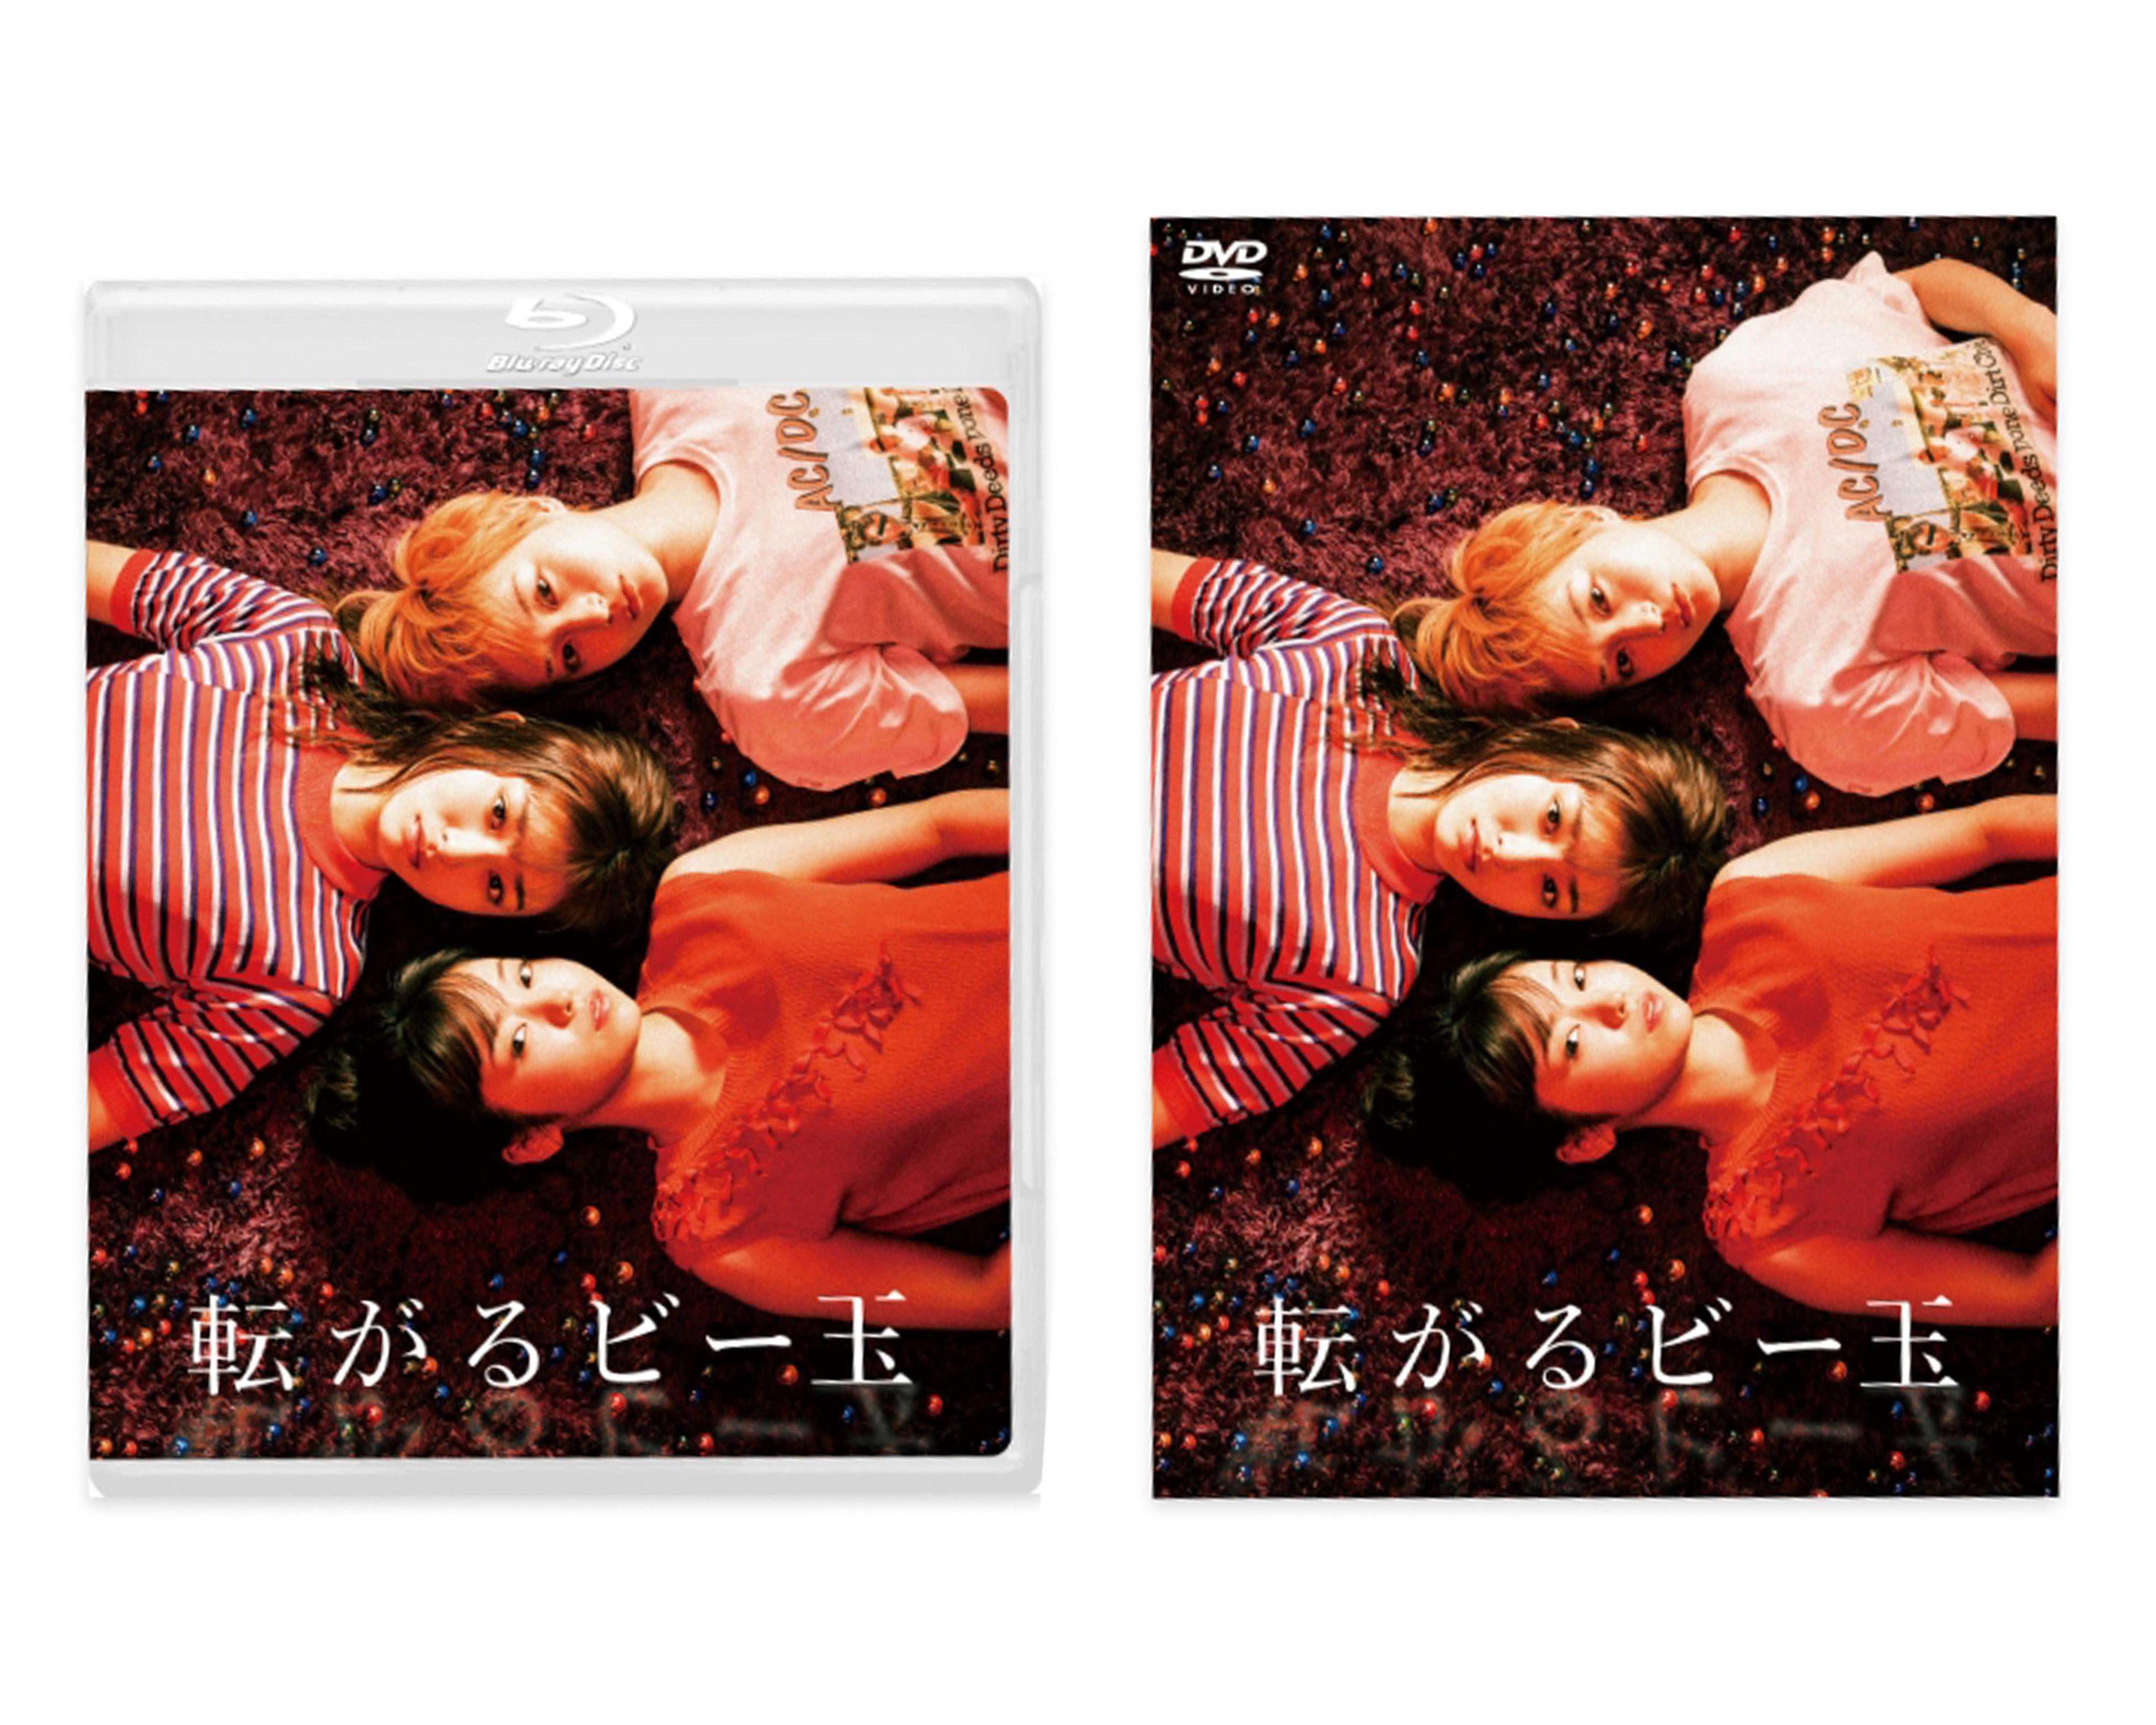 転がるビー玉 Blu-ray&DVD